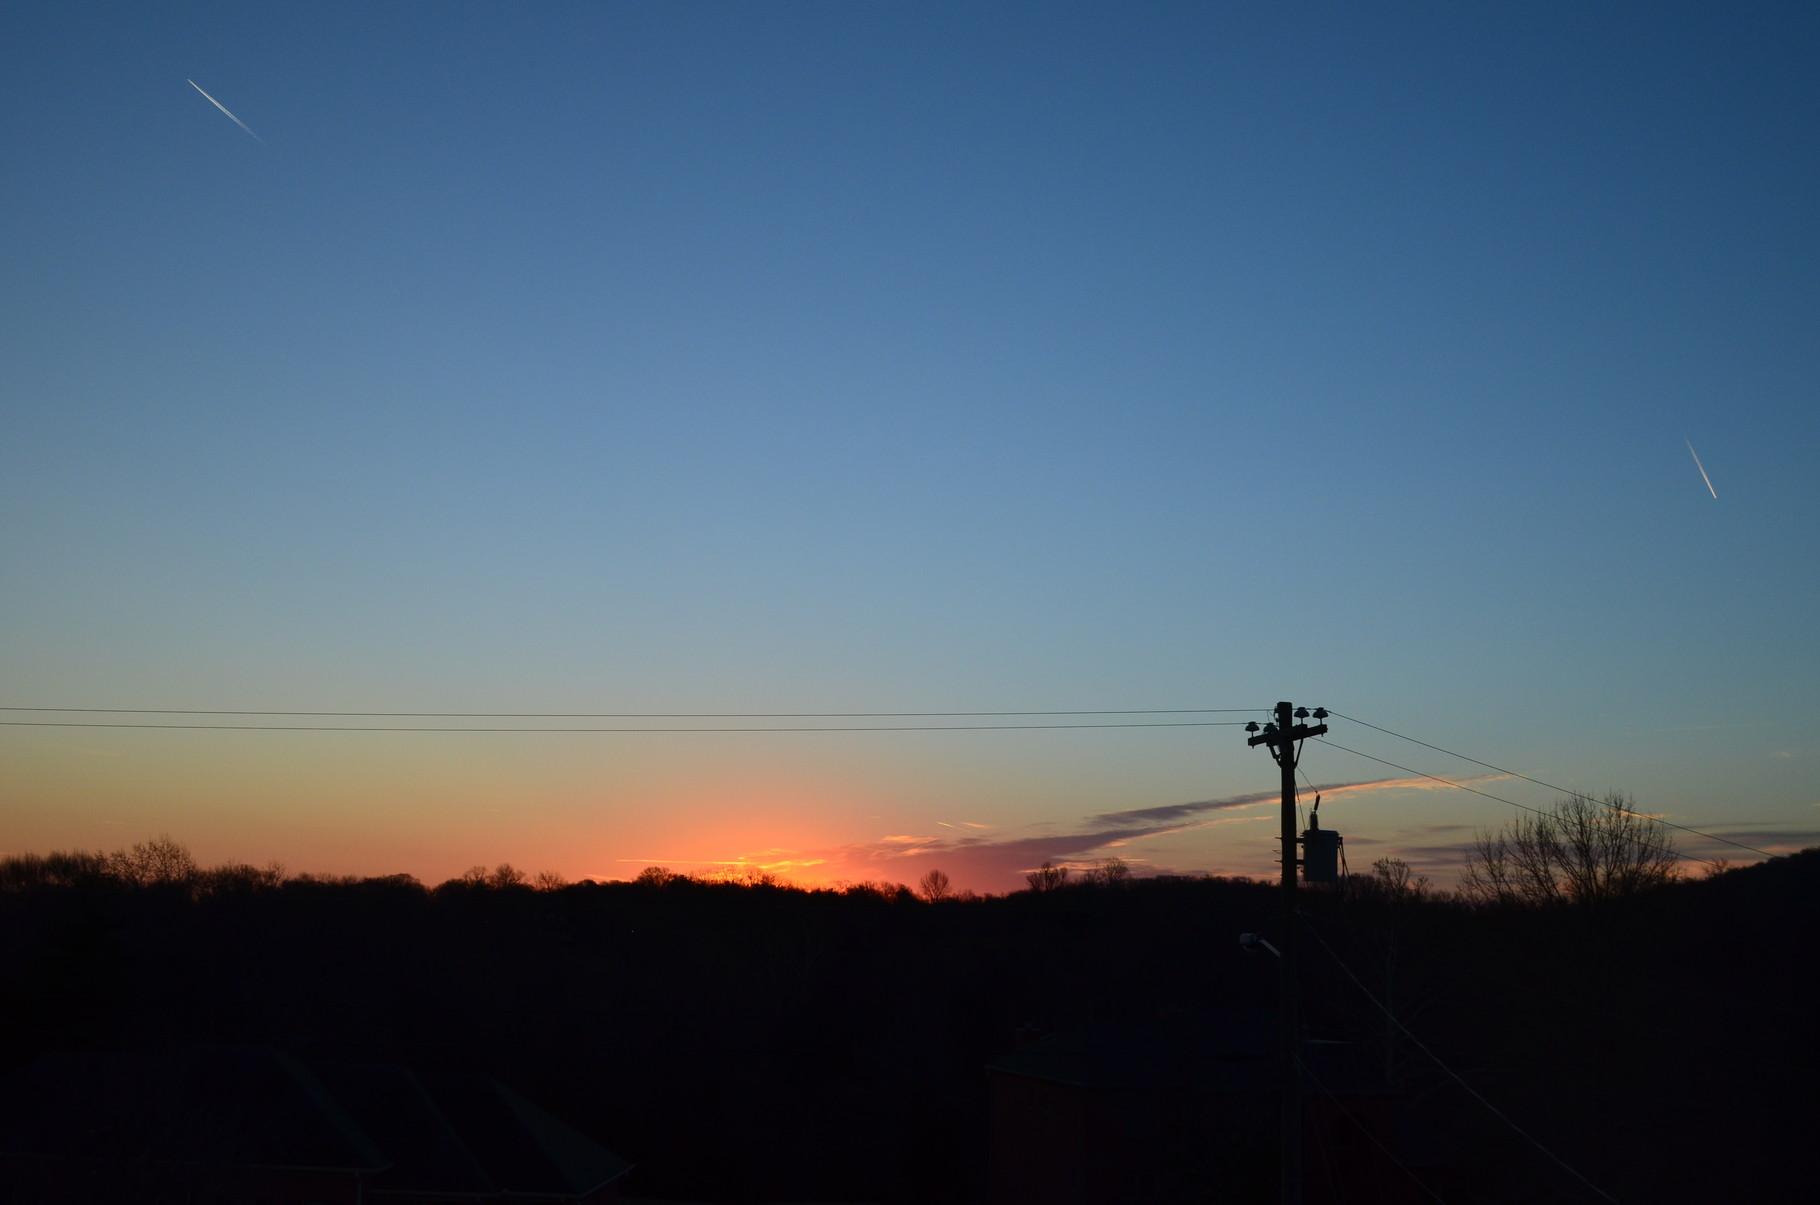 Sonnenaufgang von meinem Fenster aus